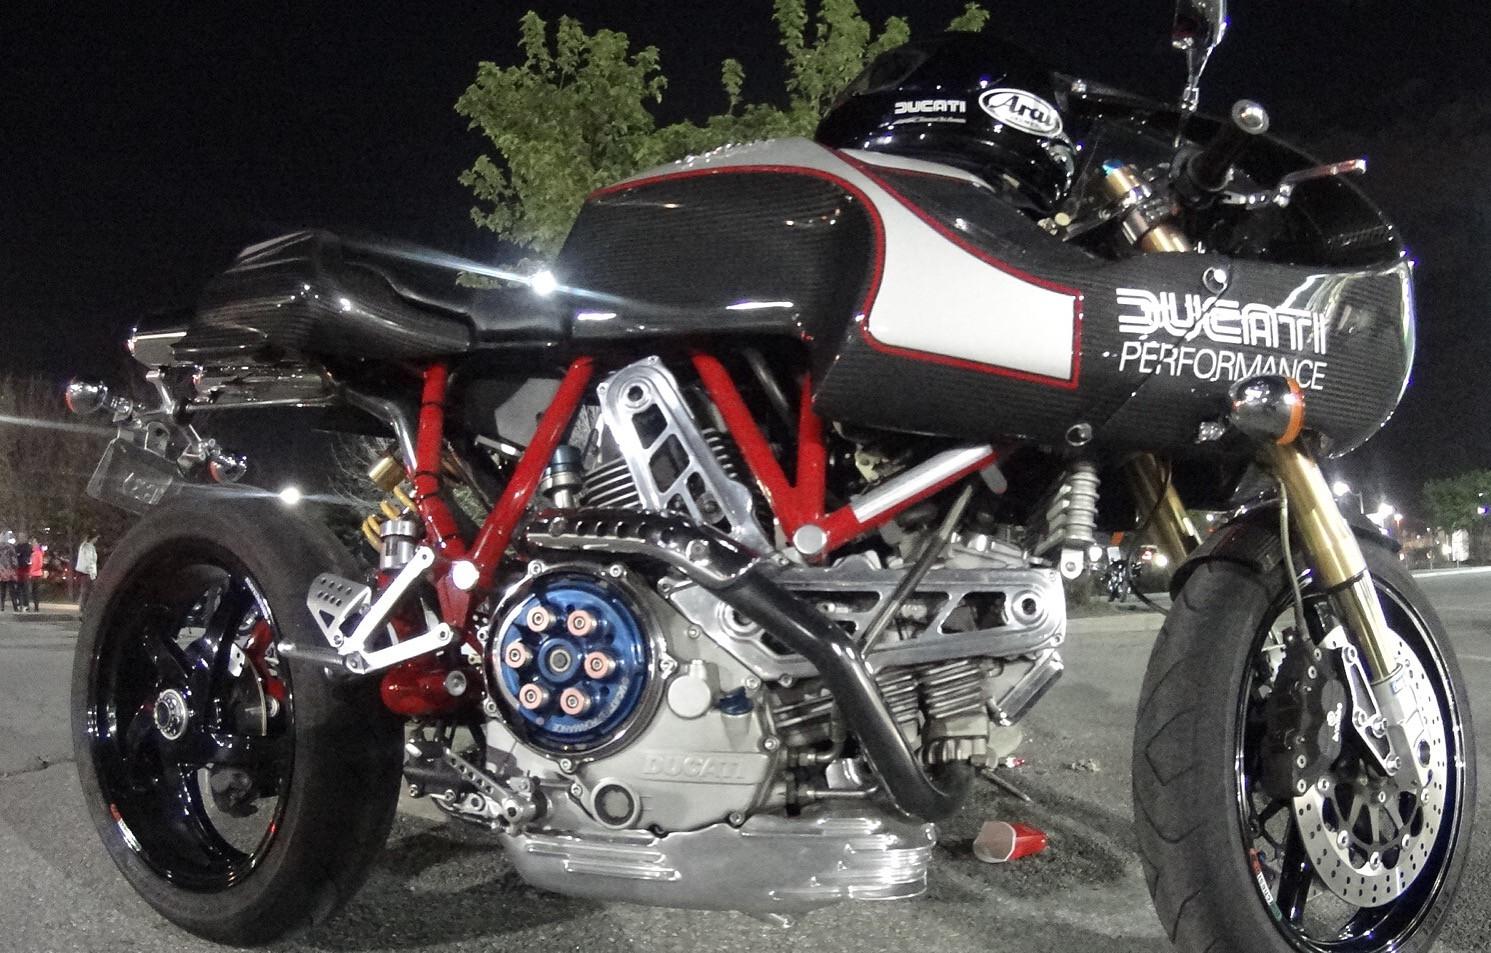 Toronto Moto Mechanic Race Motorcycle  Ducati